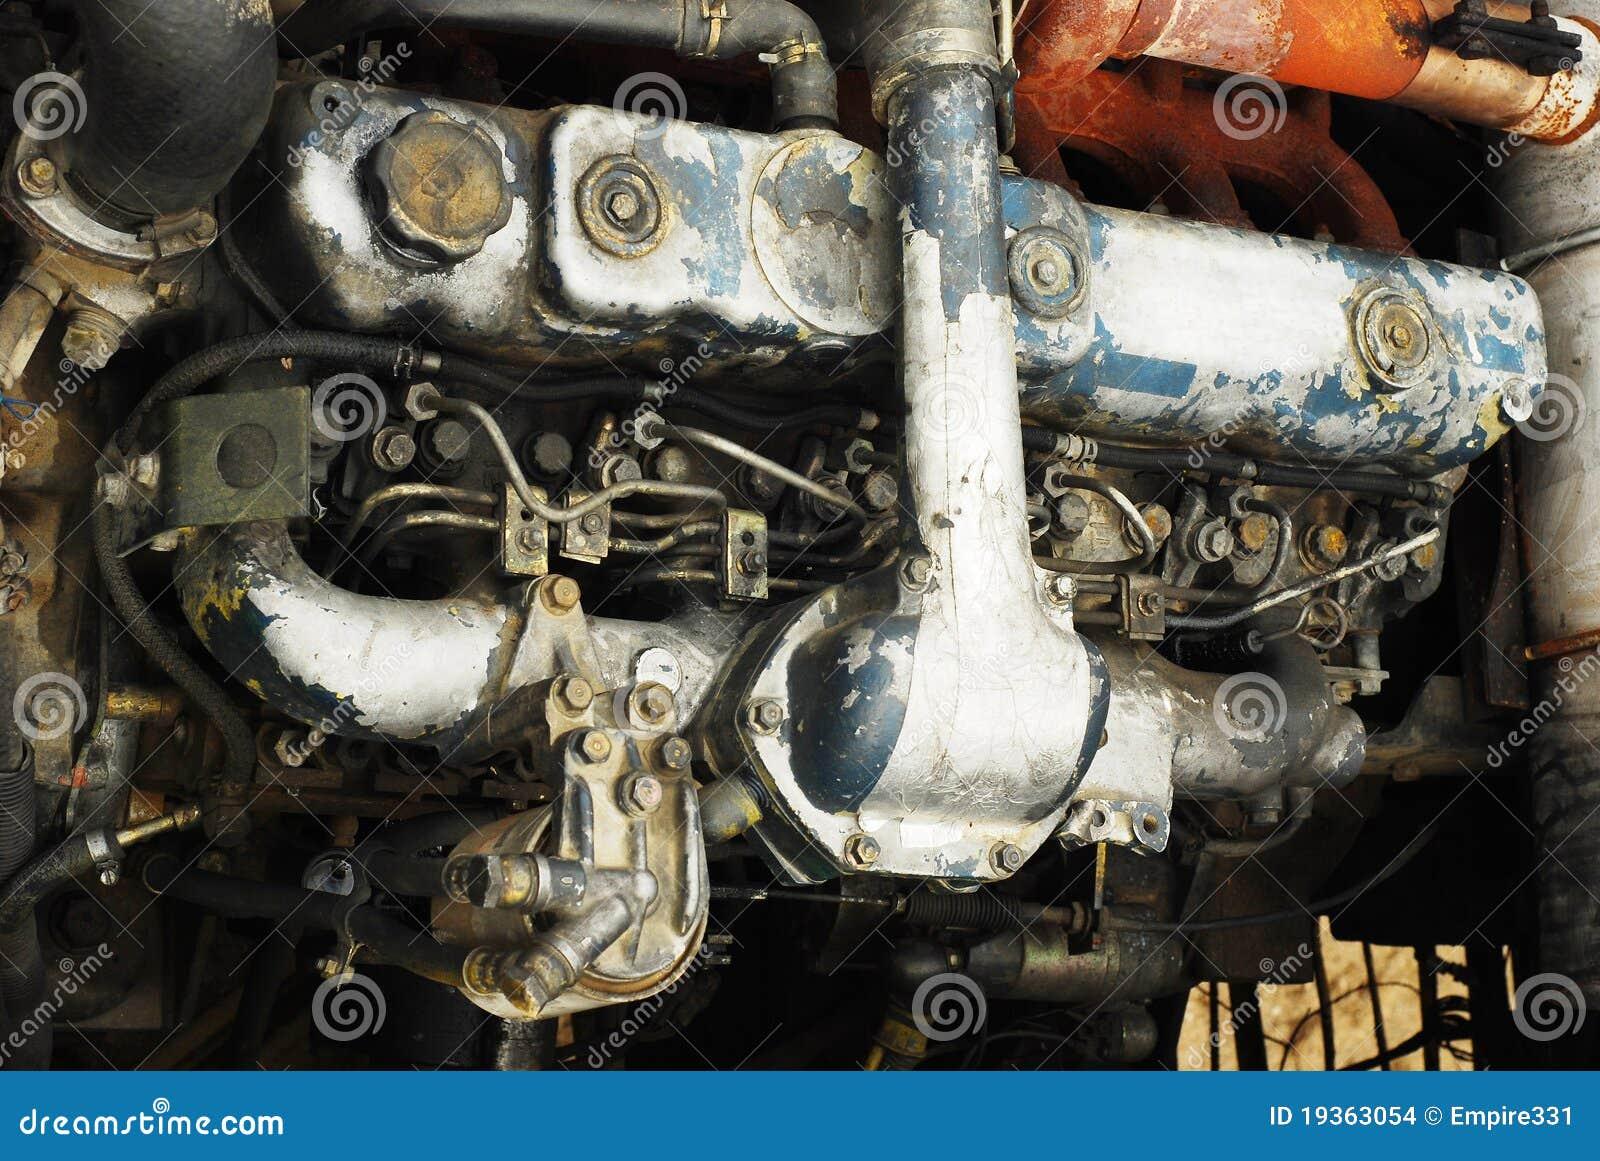 Motor de trator